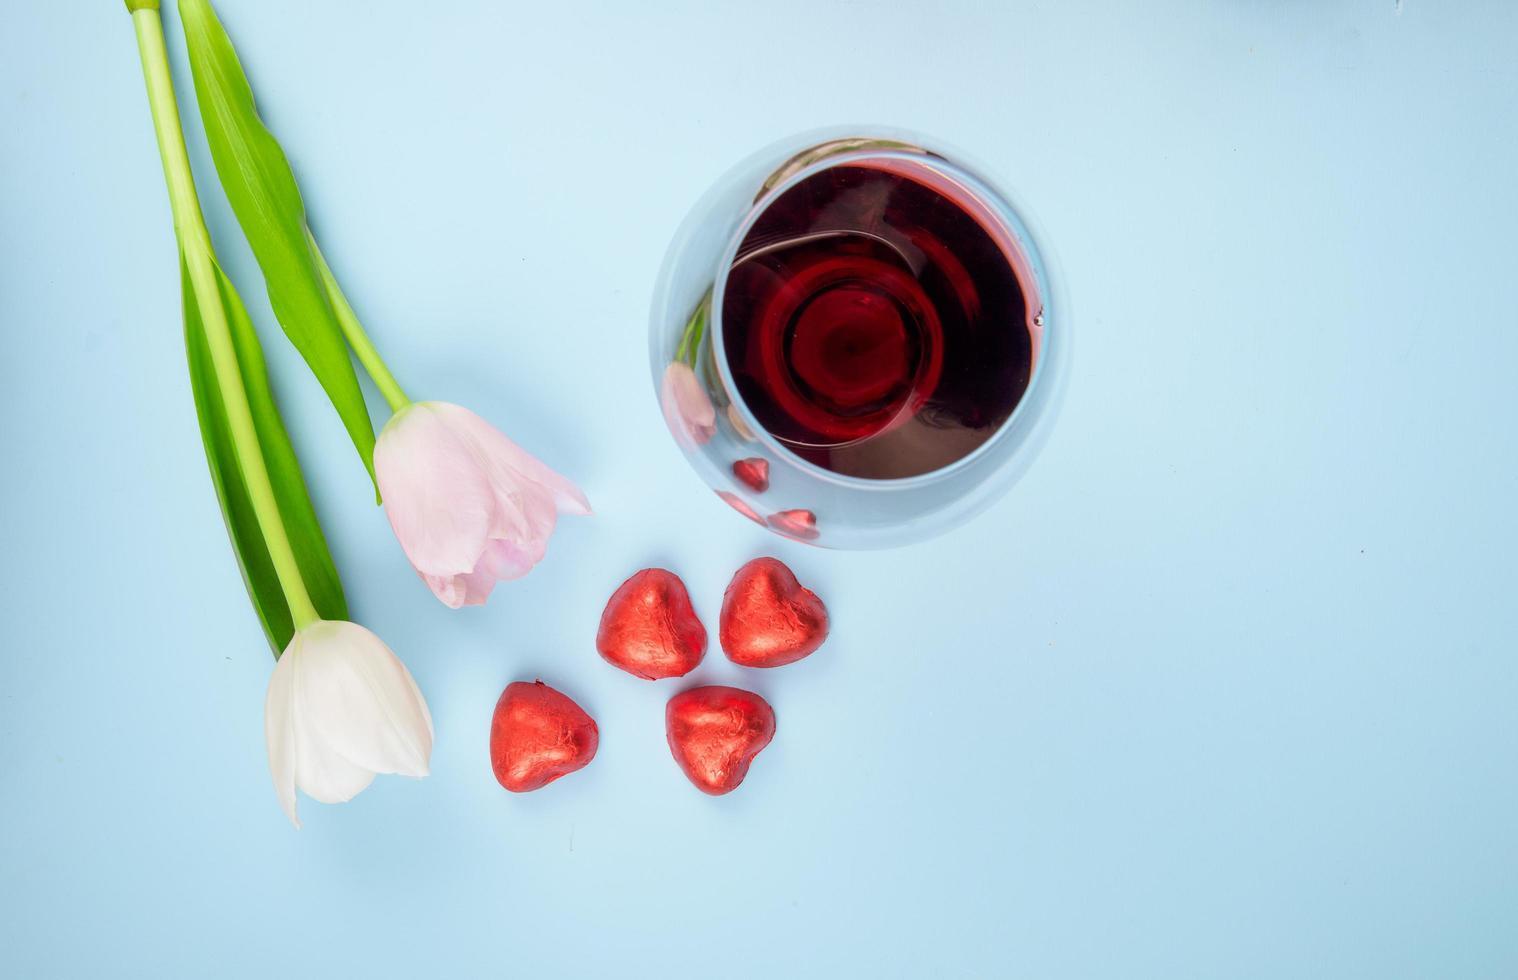 flores de tulipa com balas espalhadas em forma de coração e uma taça de vinho no fundo azul foto